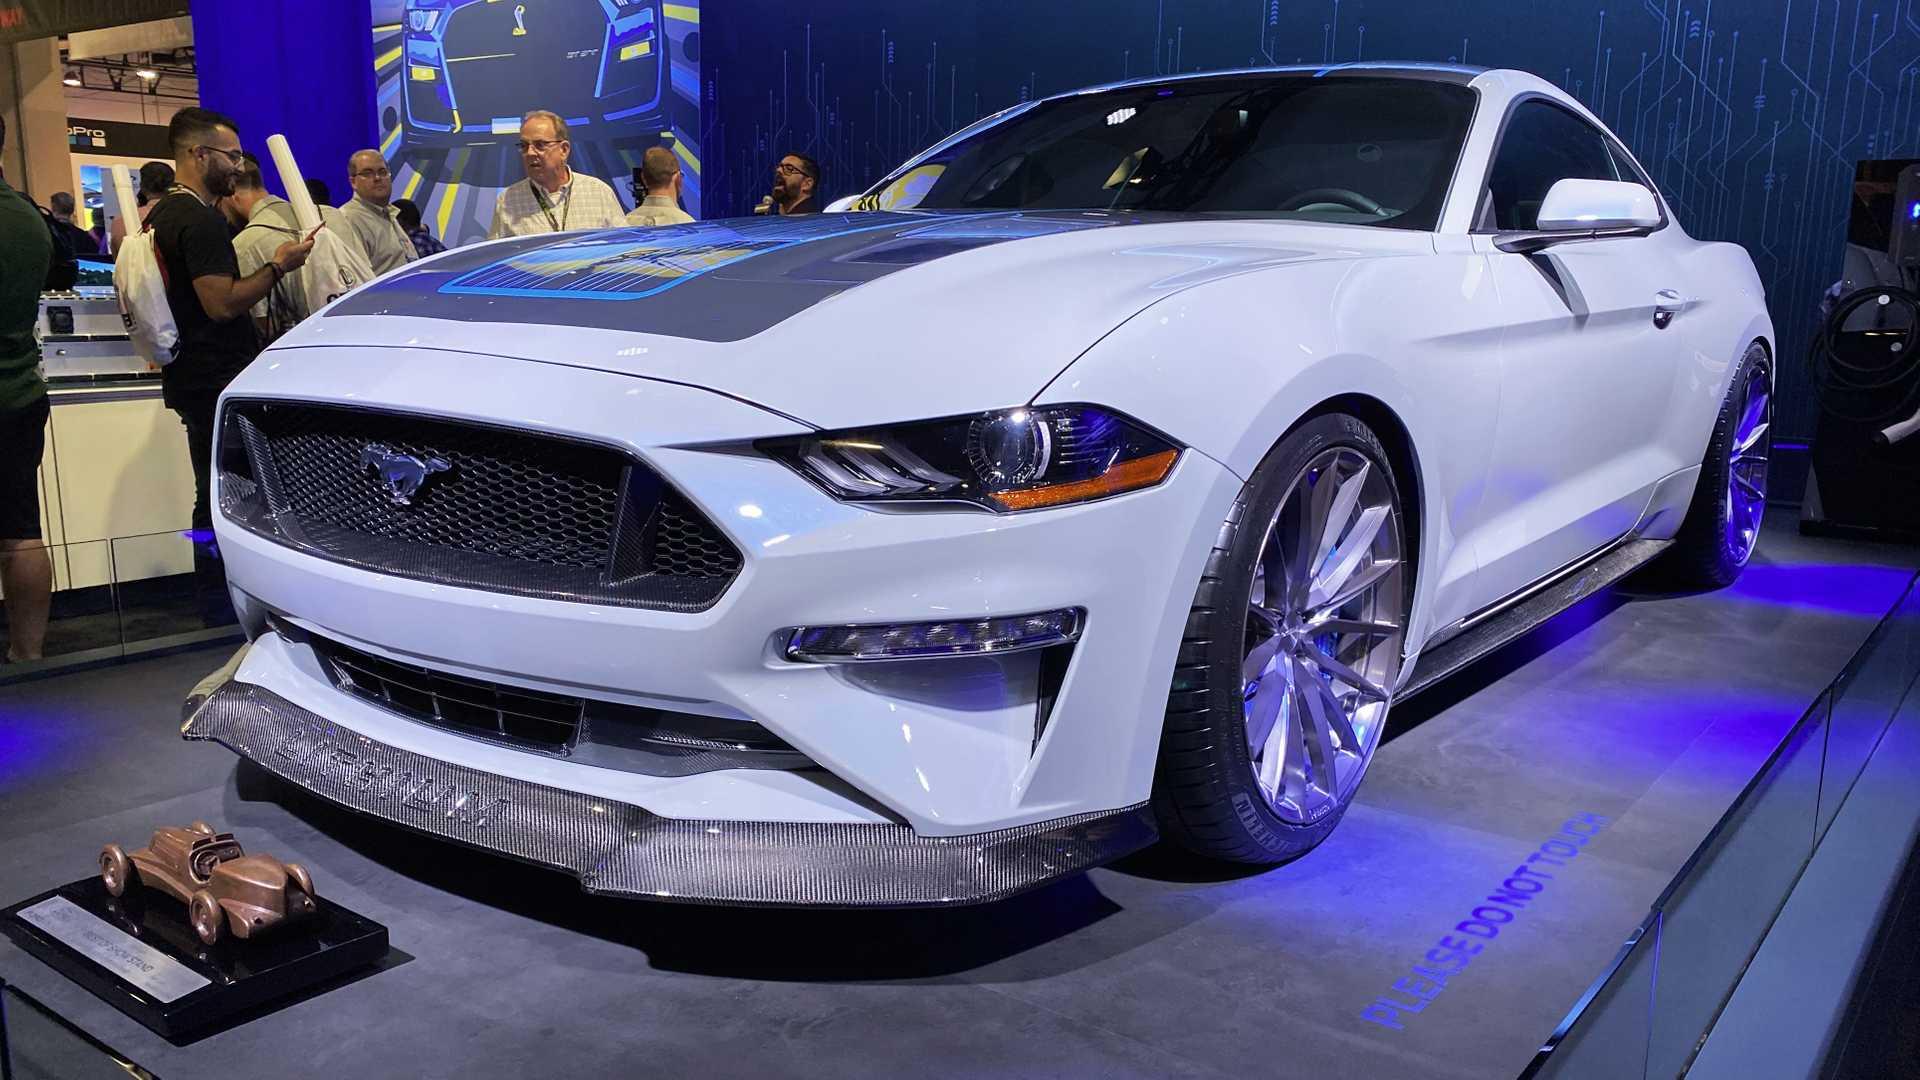 Dolazak električnog Ford Mustanga pitanje vremena